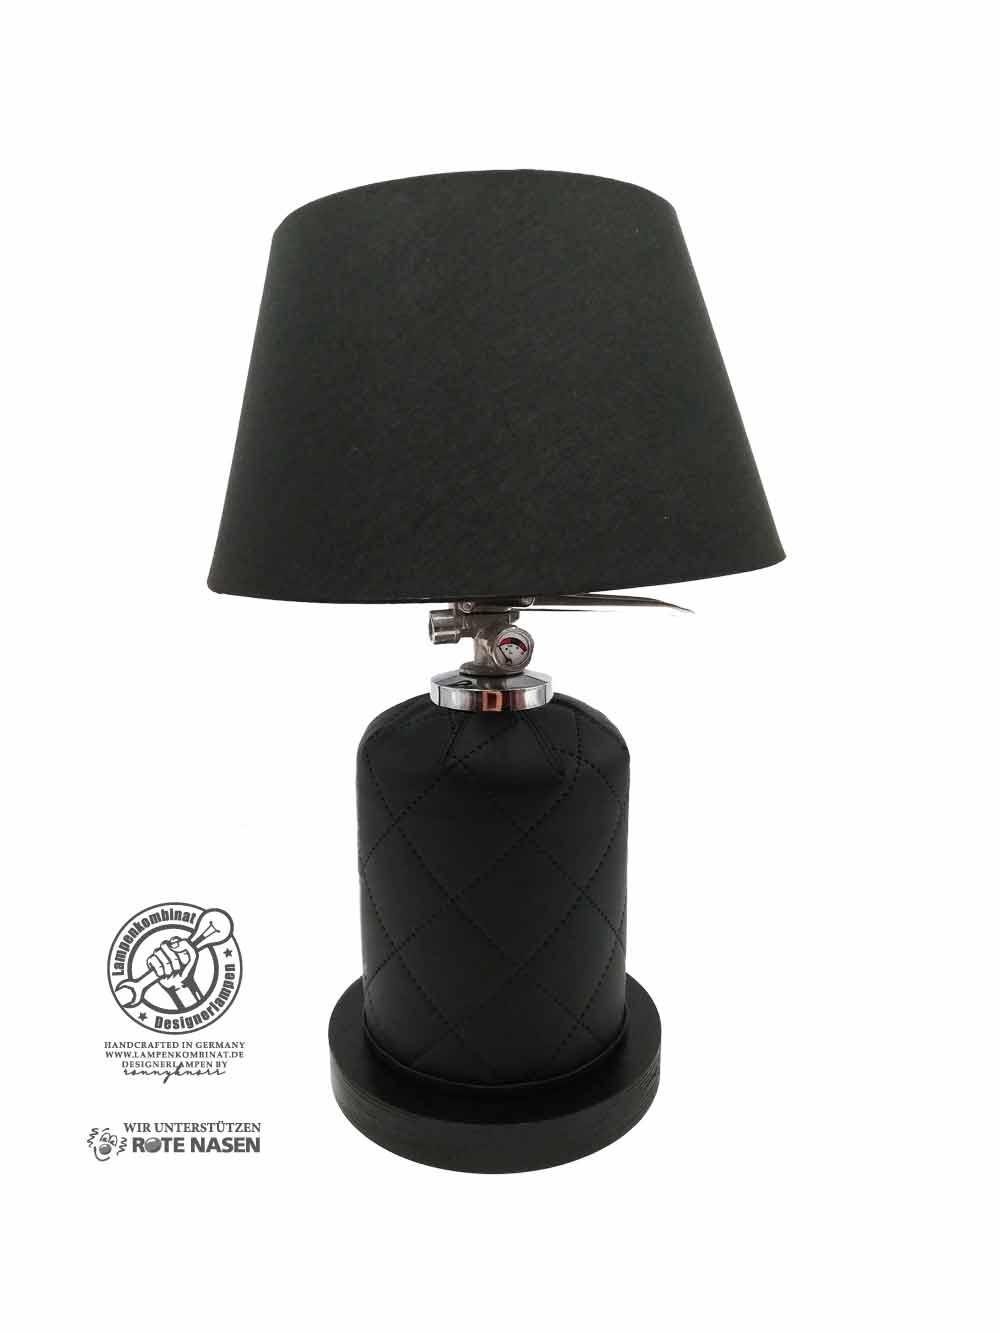 Feuerlöscherlampe Black